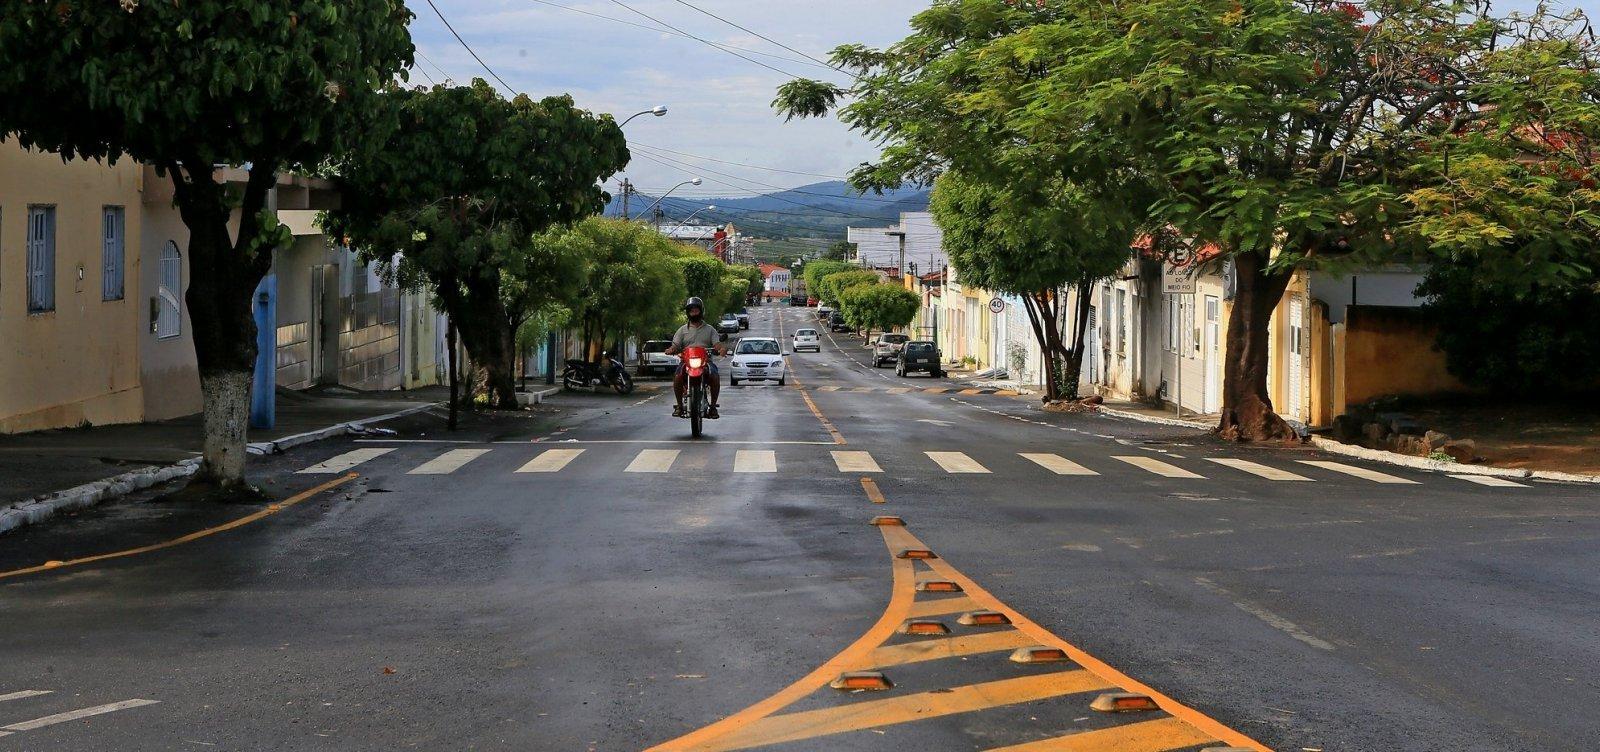 Governo antecipa para 19h toque de recolher em 40 cidades baianas; confira